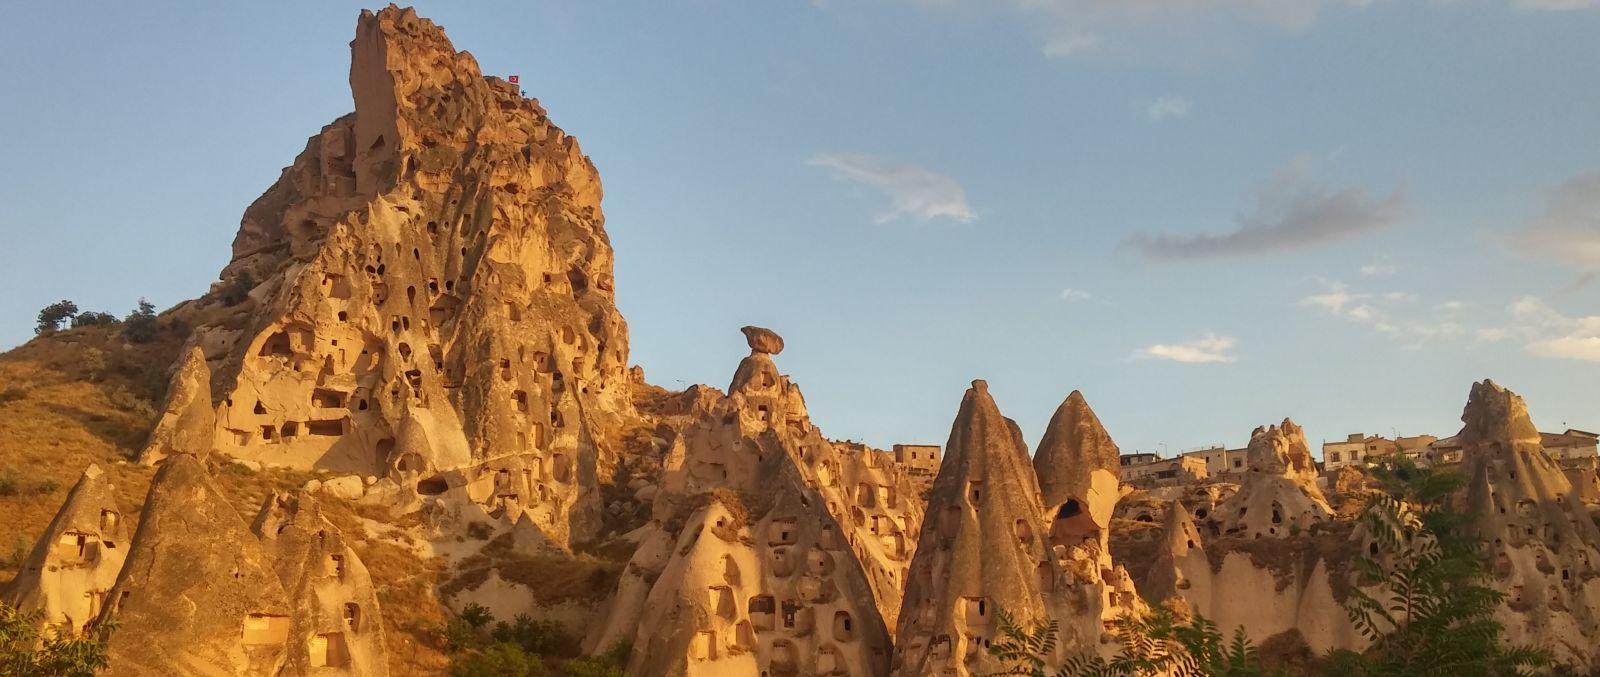 Özel Kapadokya Turları